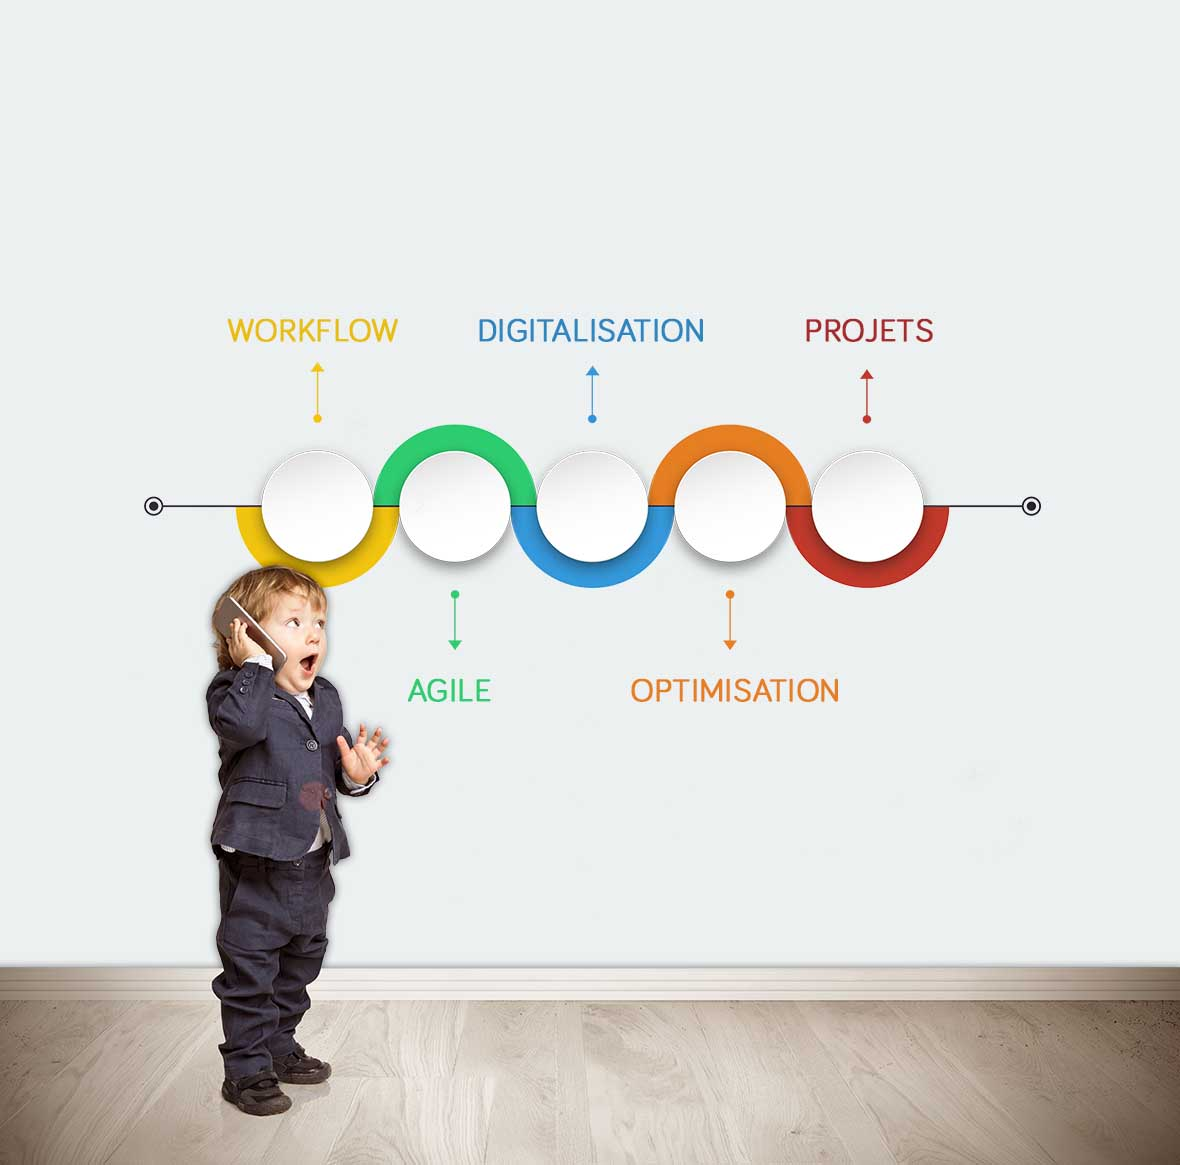 Mehr Informationen über Innovatives Audit & Consulting 3E für Ihre Projekte, damit Ihre digitale Transformation von Anfang an vereinfacht wird